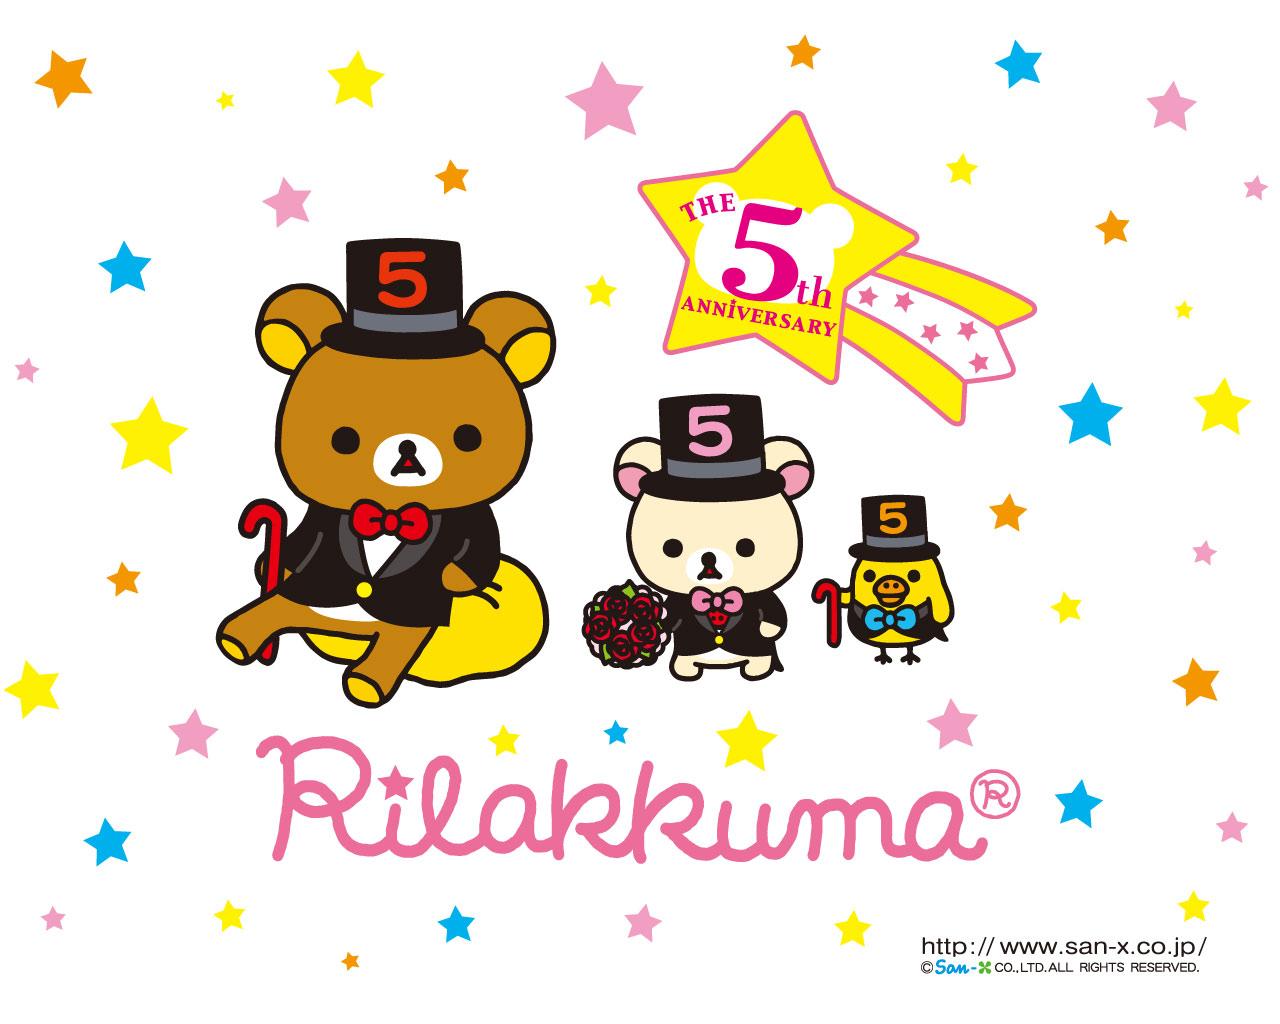 rilakkuma wallpaper january - photo #41